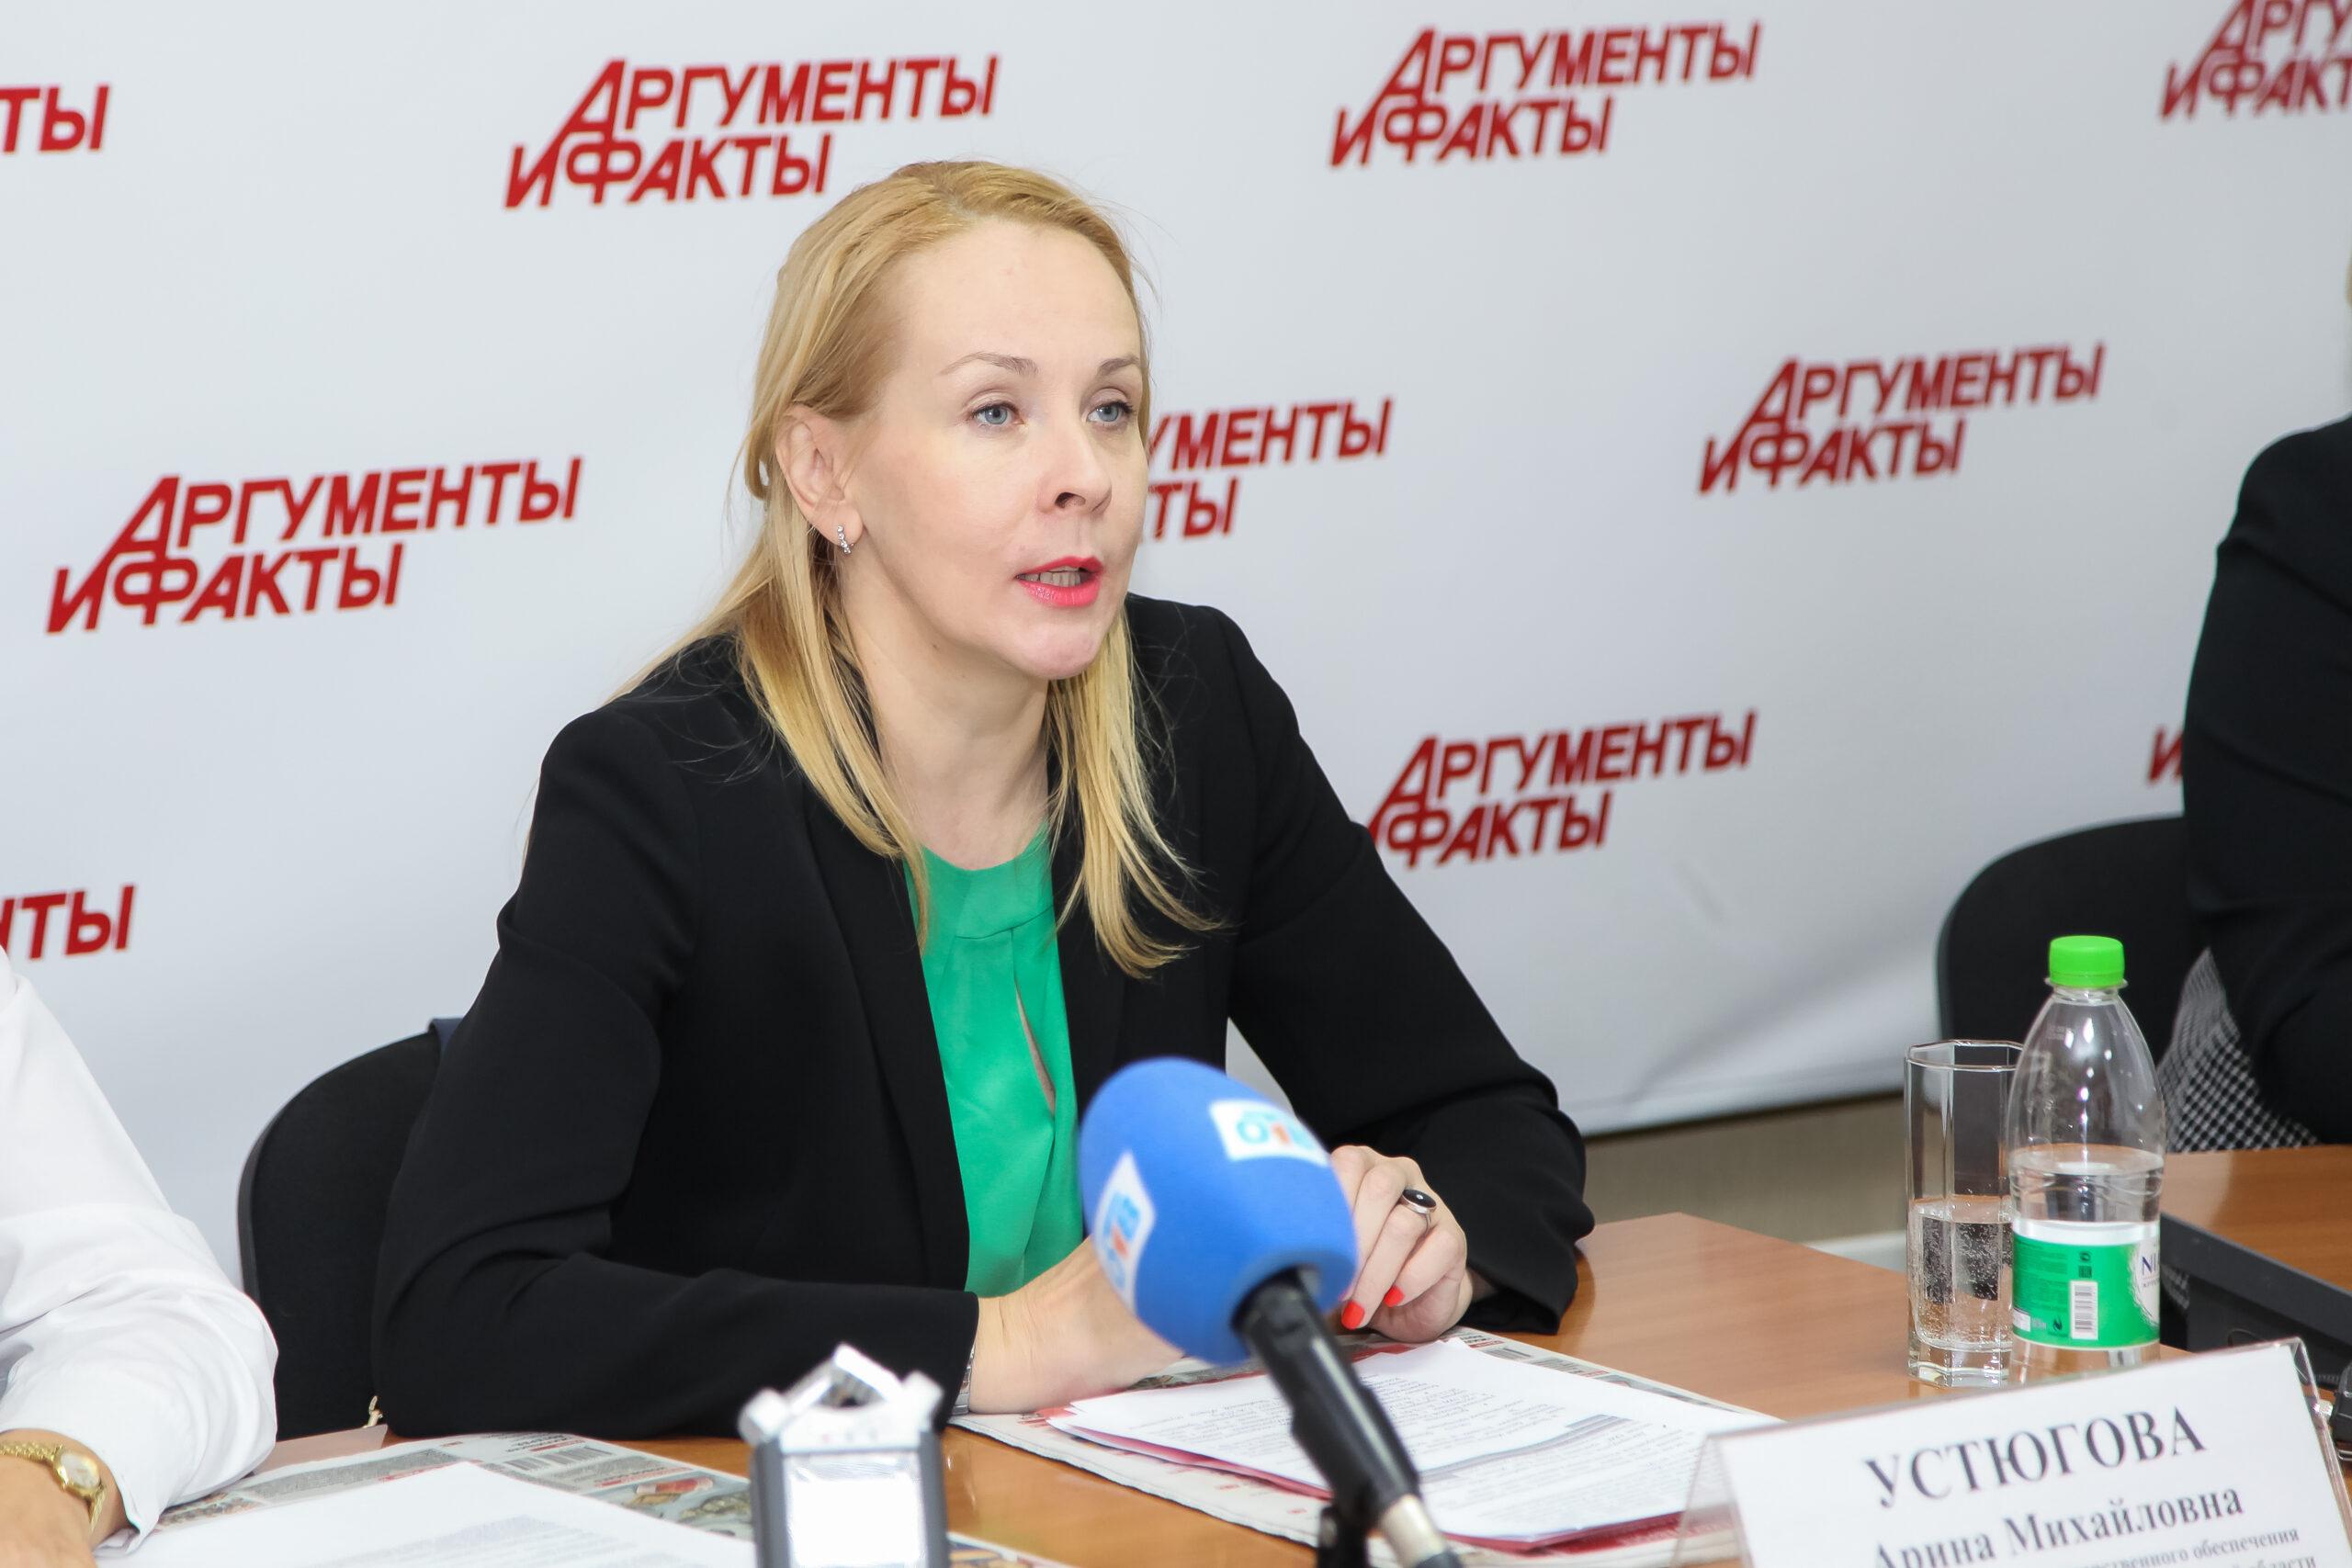 В Челябинске при получении взятки в полмиллиона рублей задержали чиновницу Минздрава